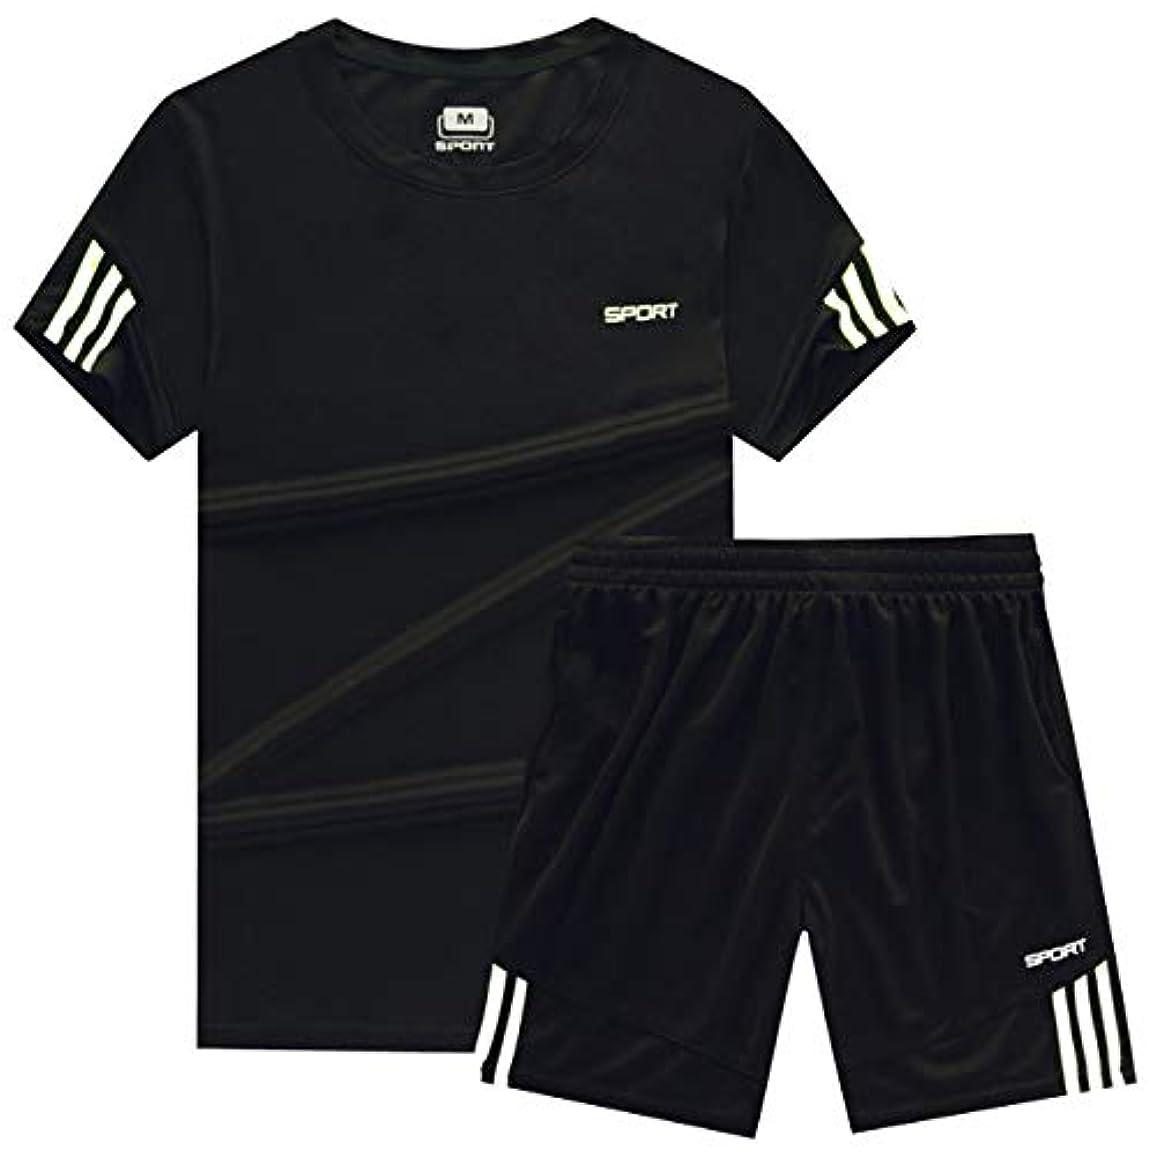 もろい不運屋内[ココチエ] スポーツウェア メンズ 半袖 短パン 上下 tシャツ 大きめ セットアップ 部屋着 夏